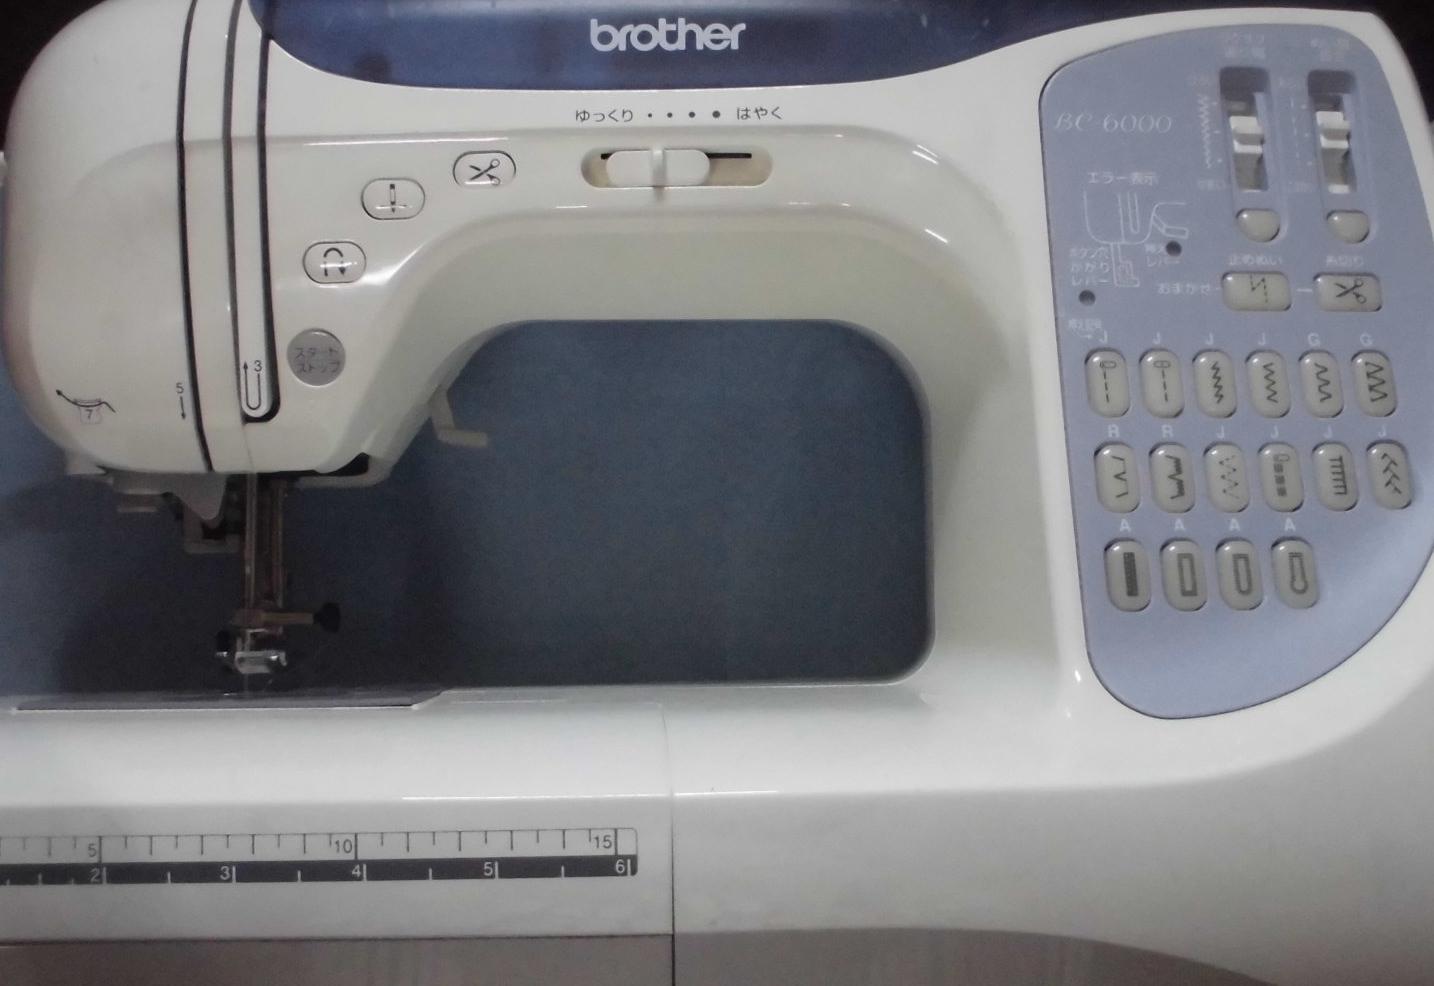 ブラザーミシン修理|BC-6000|CPS52|スタートボタンを押しても動かない、縫えない